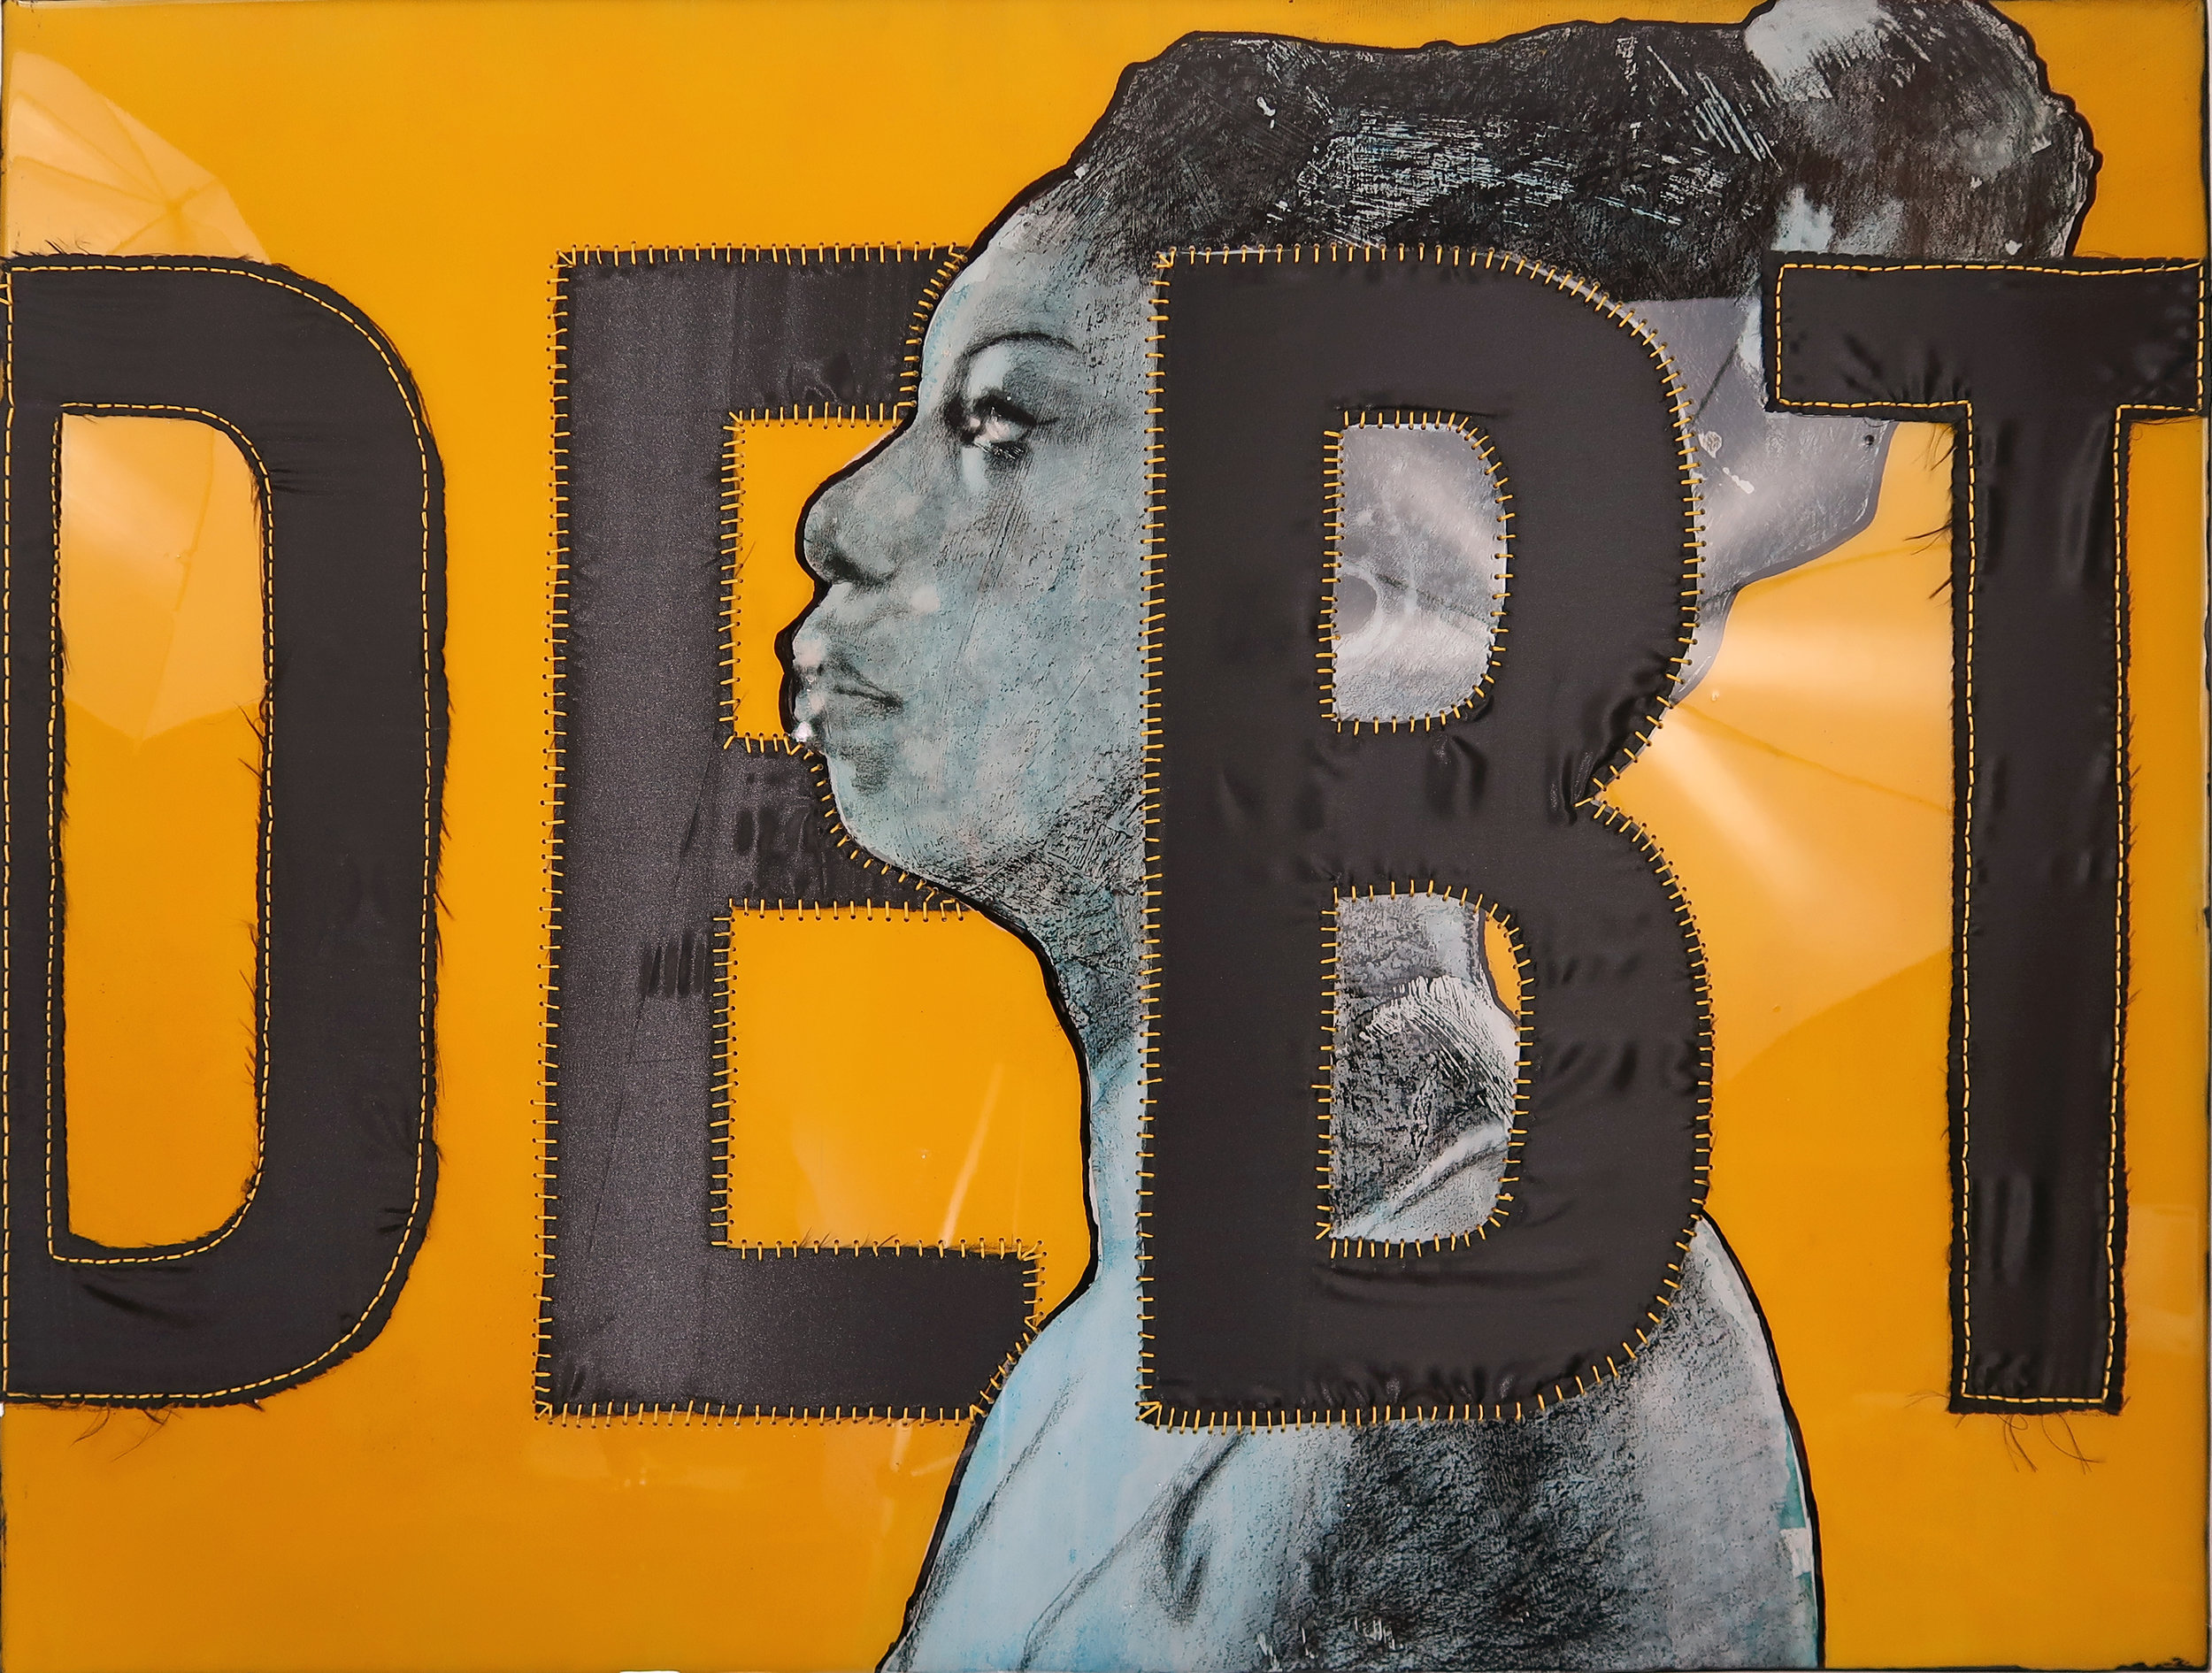 DEBT (Nina Simone, No Fear)